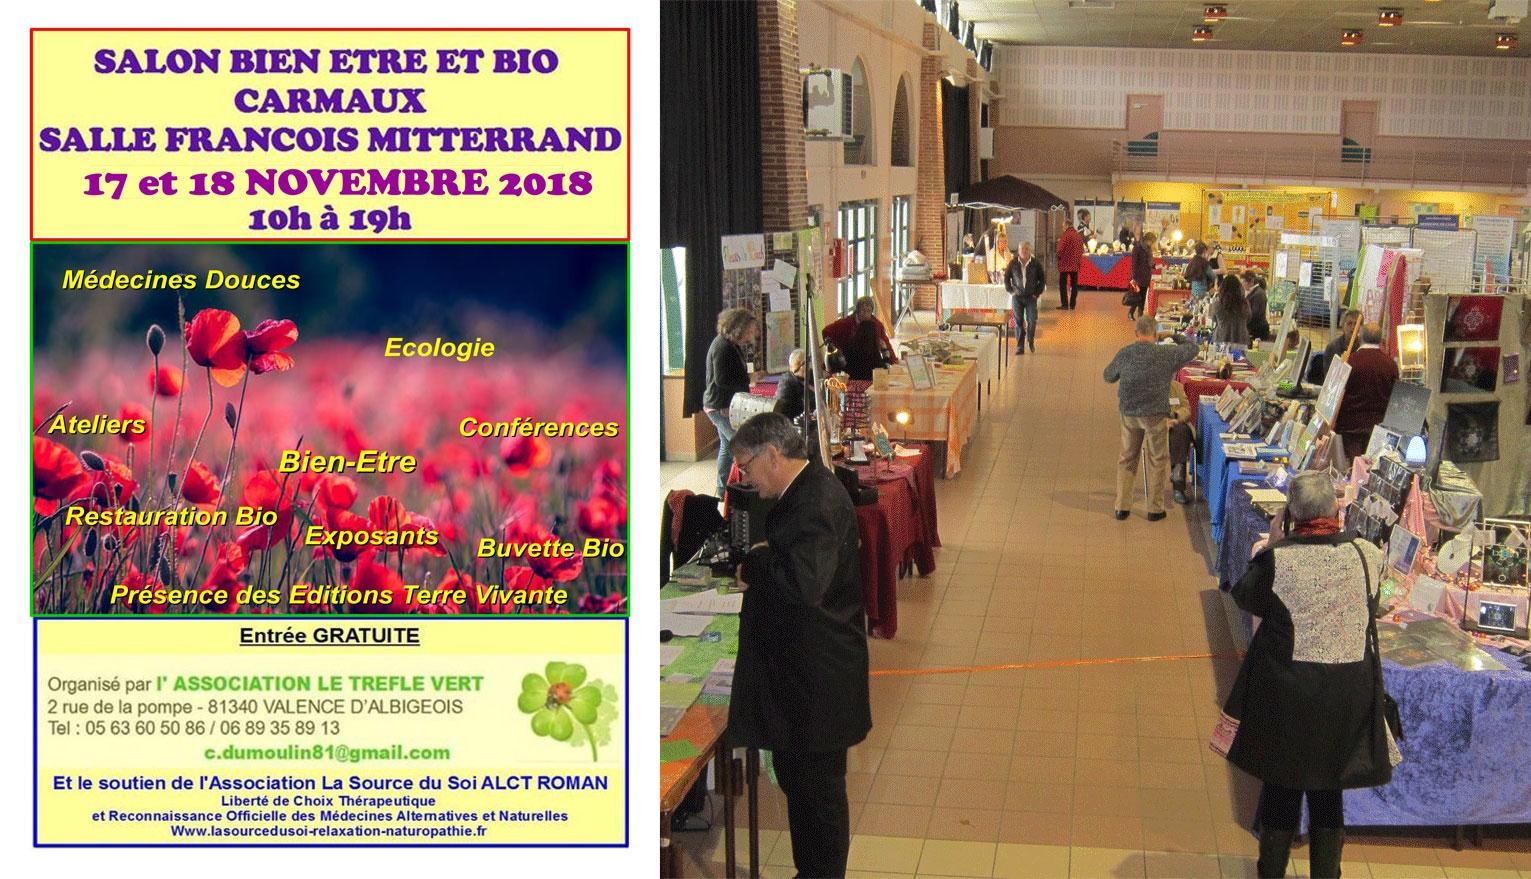 SALON DE CARMAUX 17 et 18 NOVEMBRE 2018